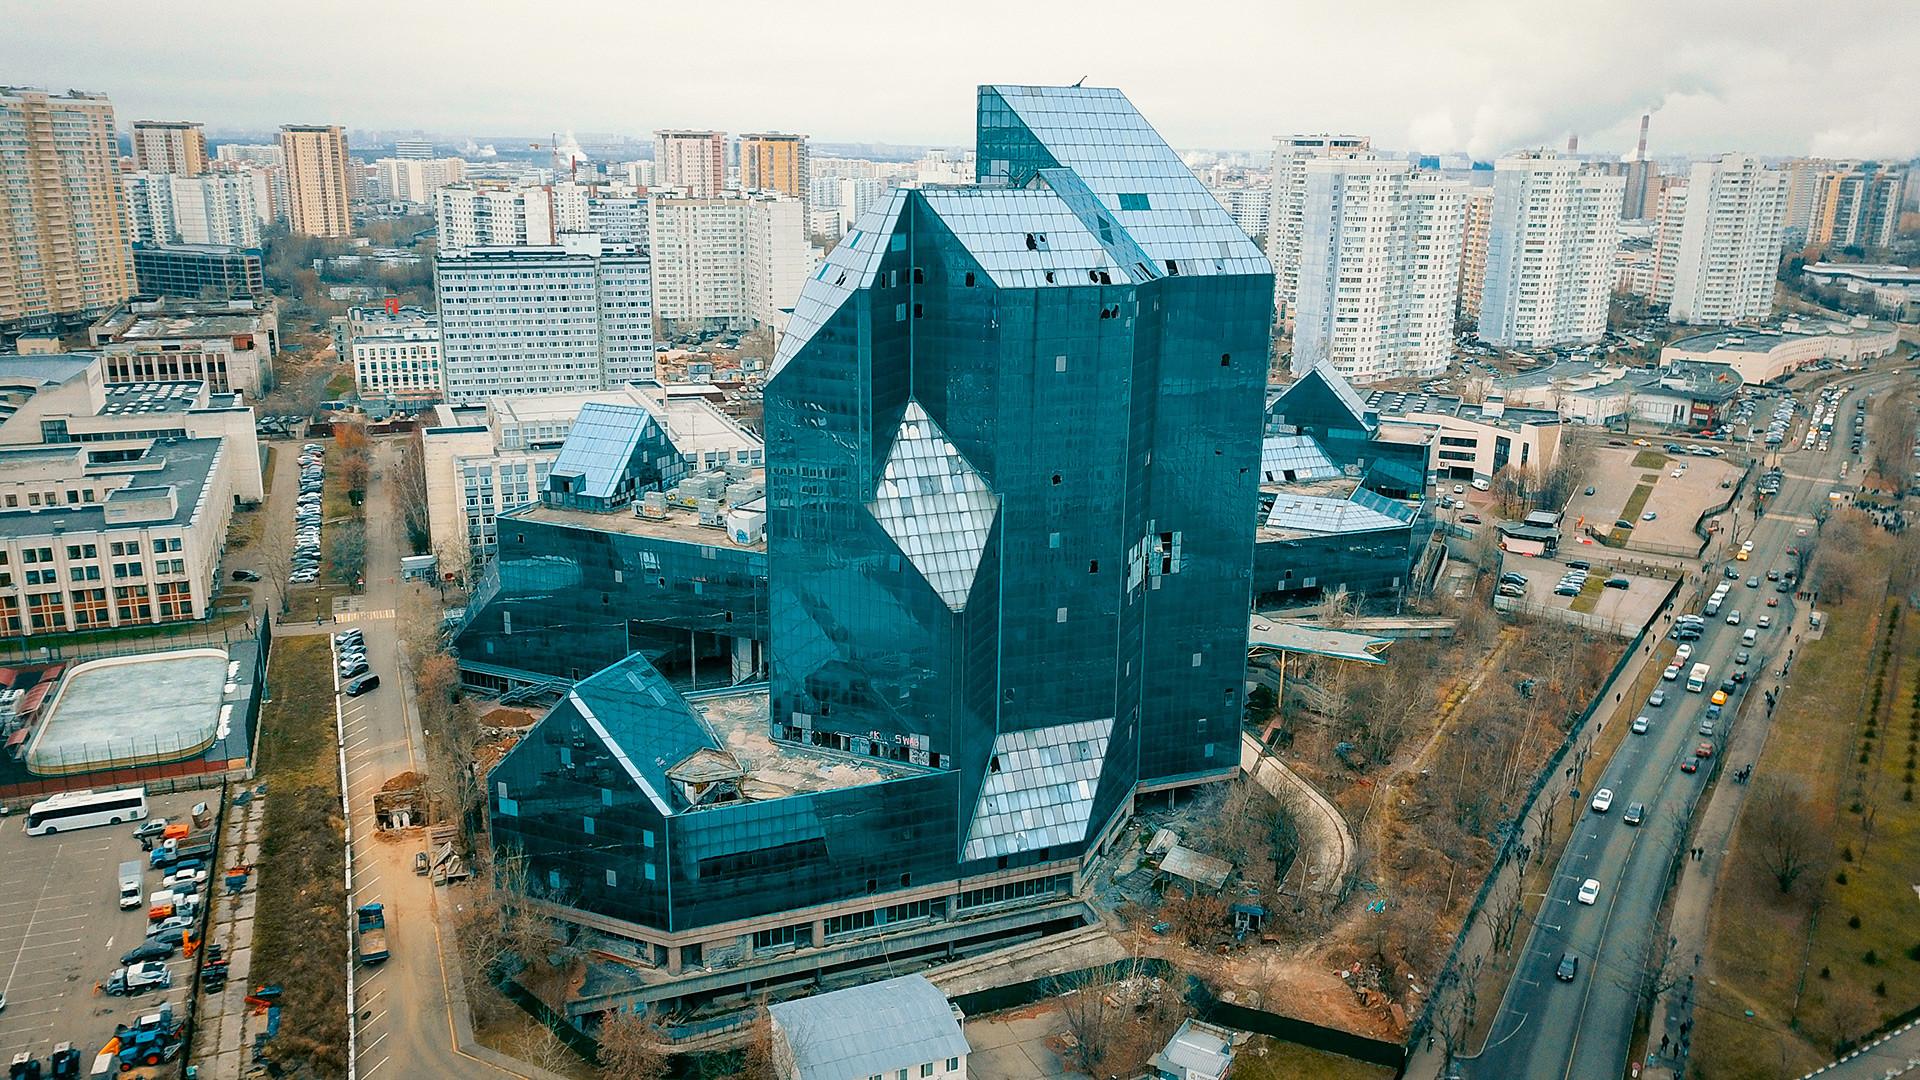 工事再開前のゼニット・ビジネスセンター。この醜い未完成の高層ビルは、それ以降、モスクワのランドマークとなった。